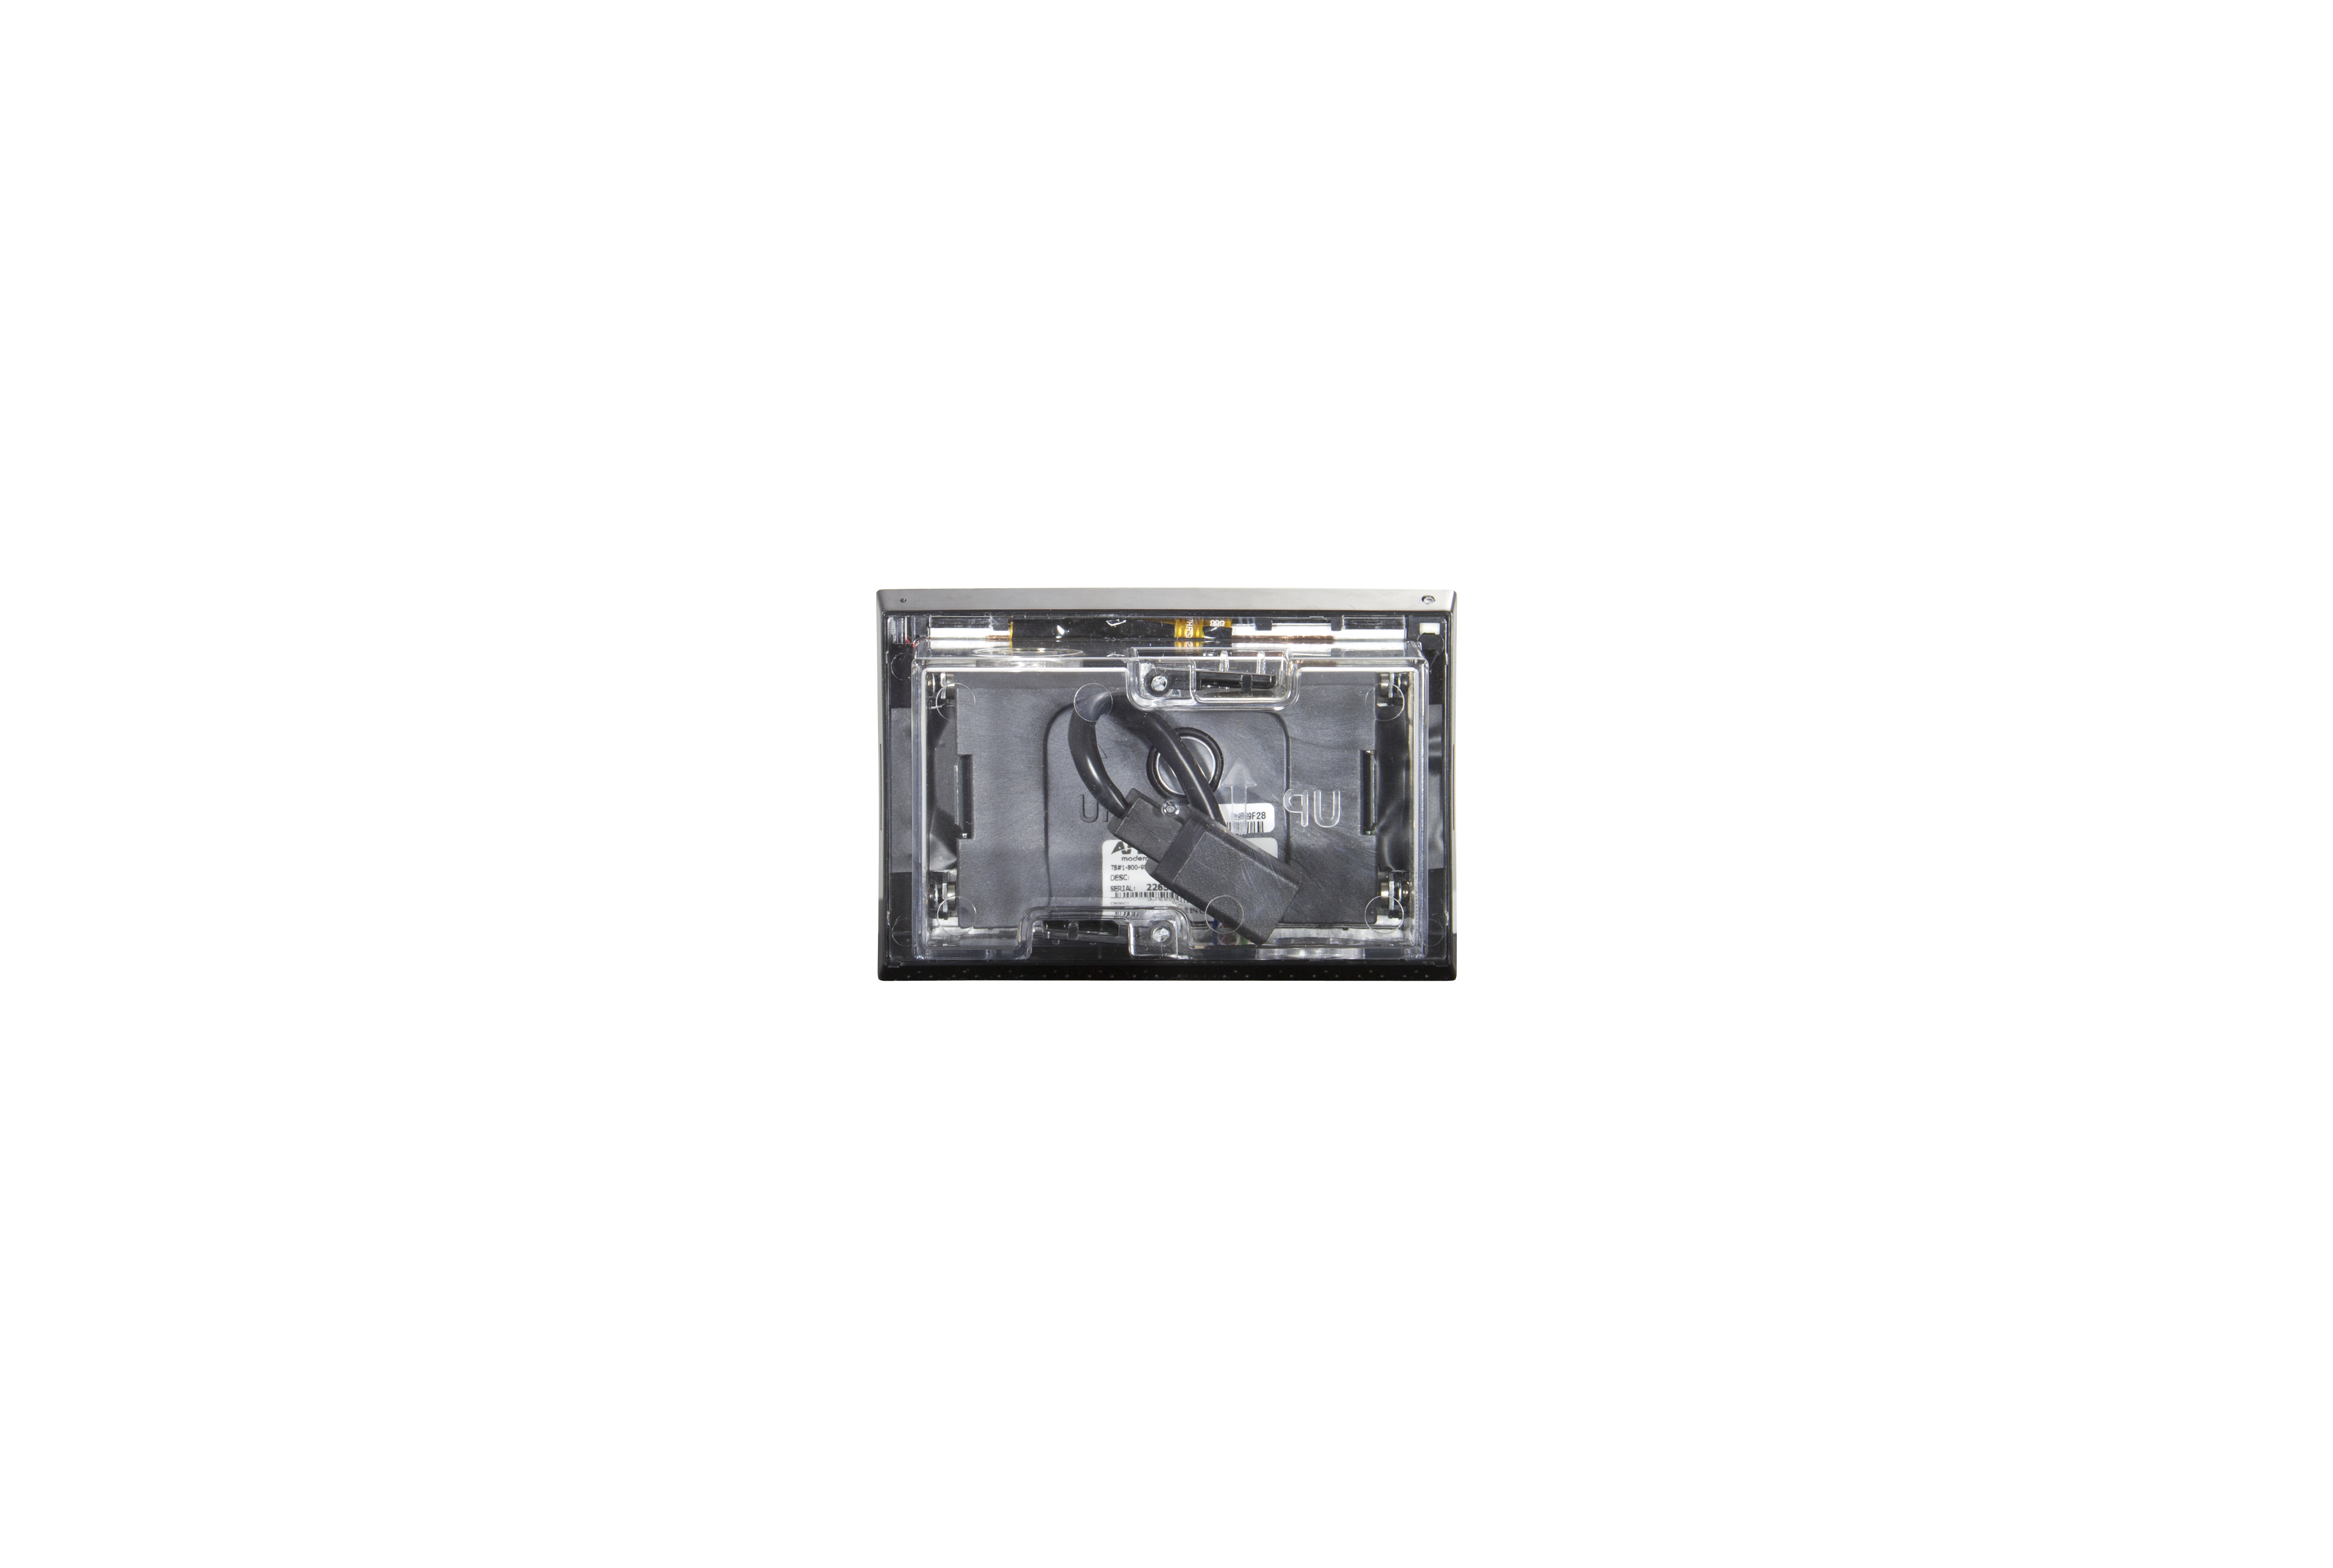 MSD-431 - Rear